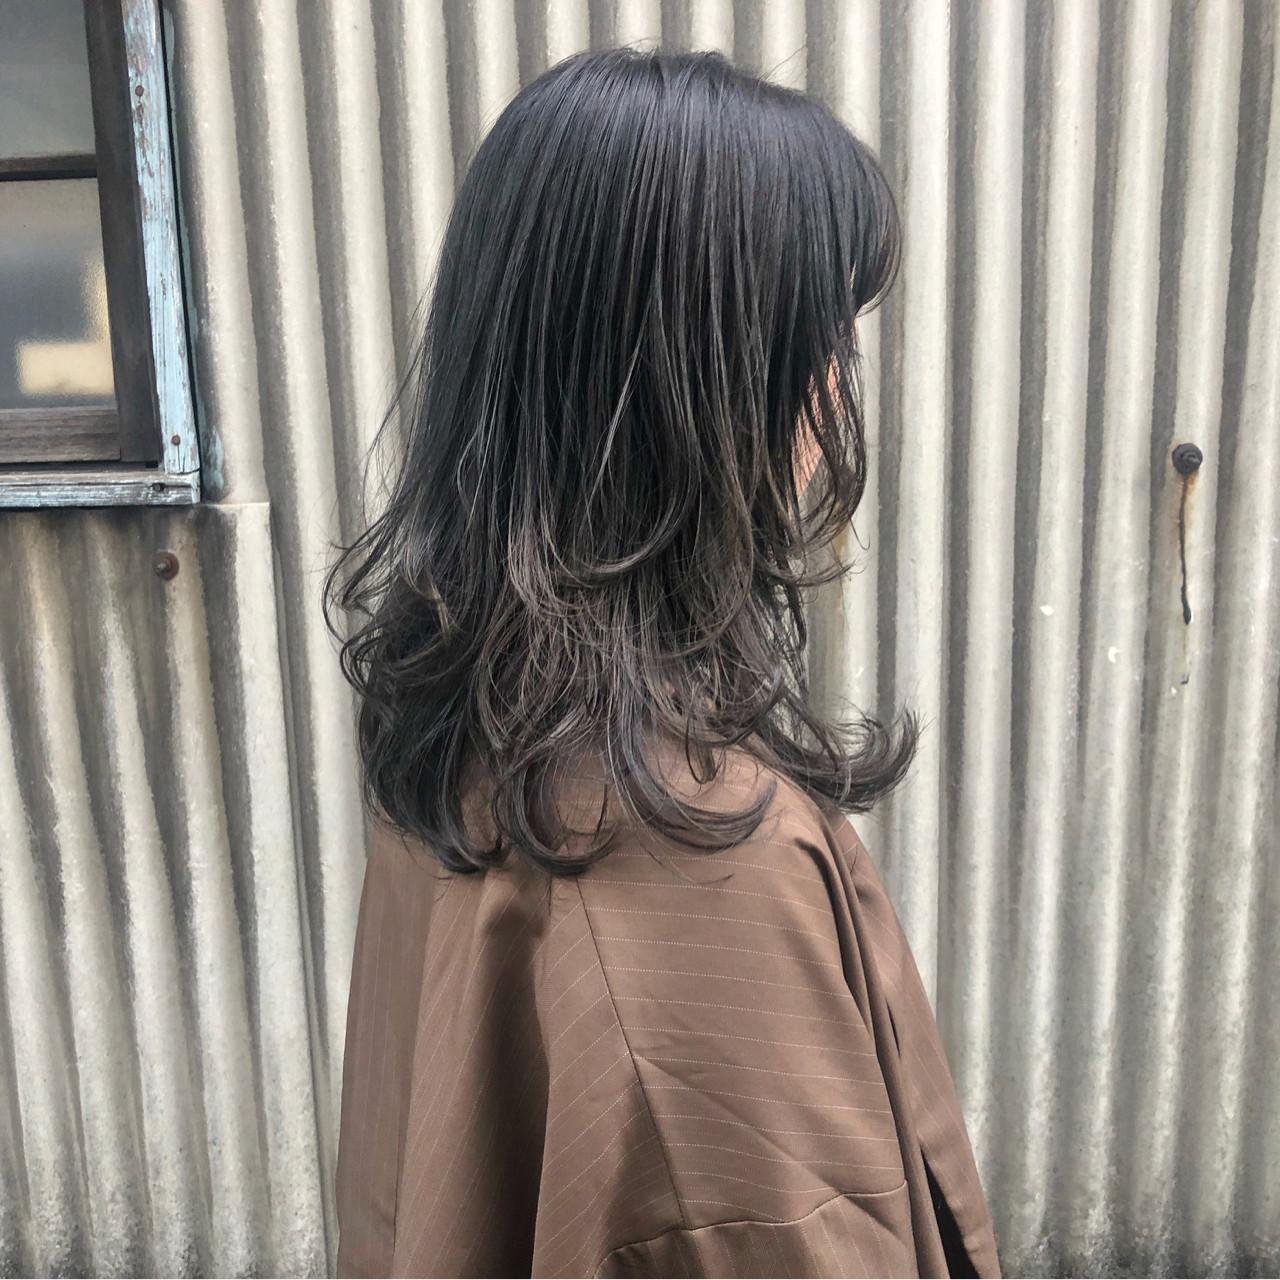 毛量感じさせない!プラスレイヤー×グレーカラーヘア 藤田成美 / oli